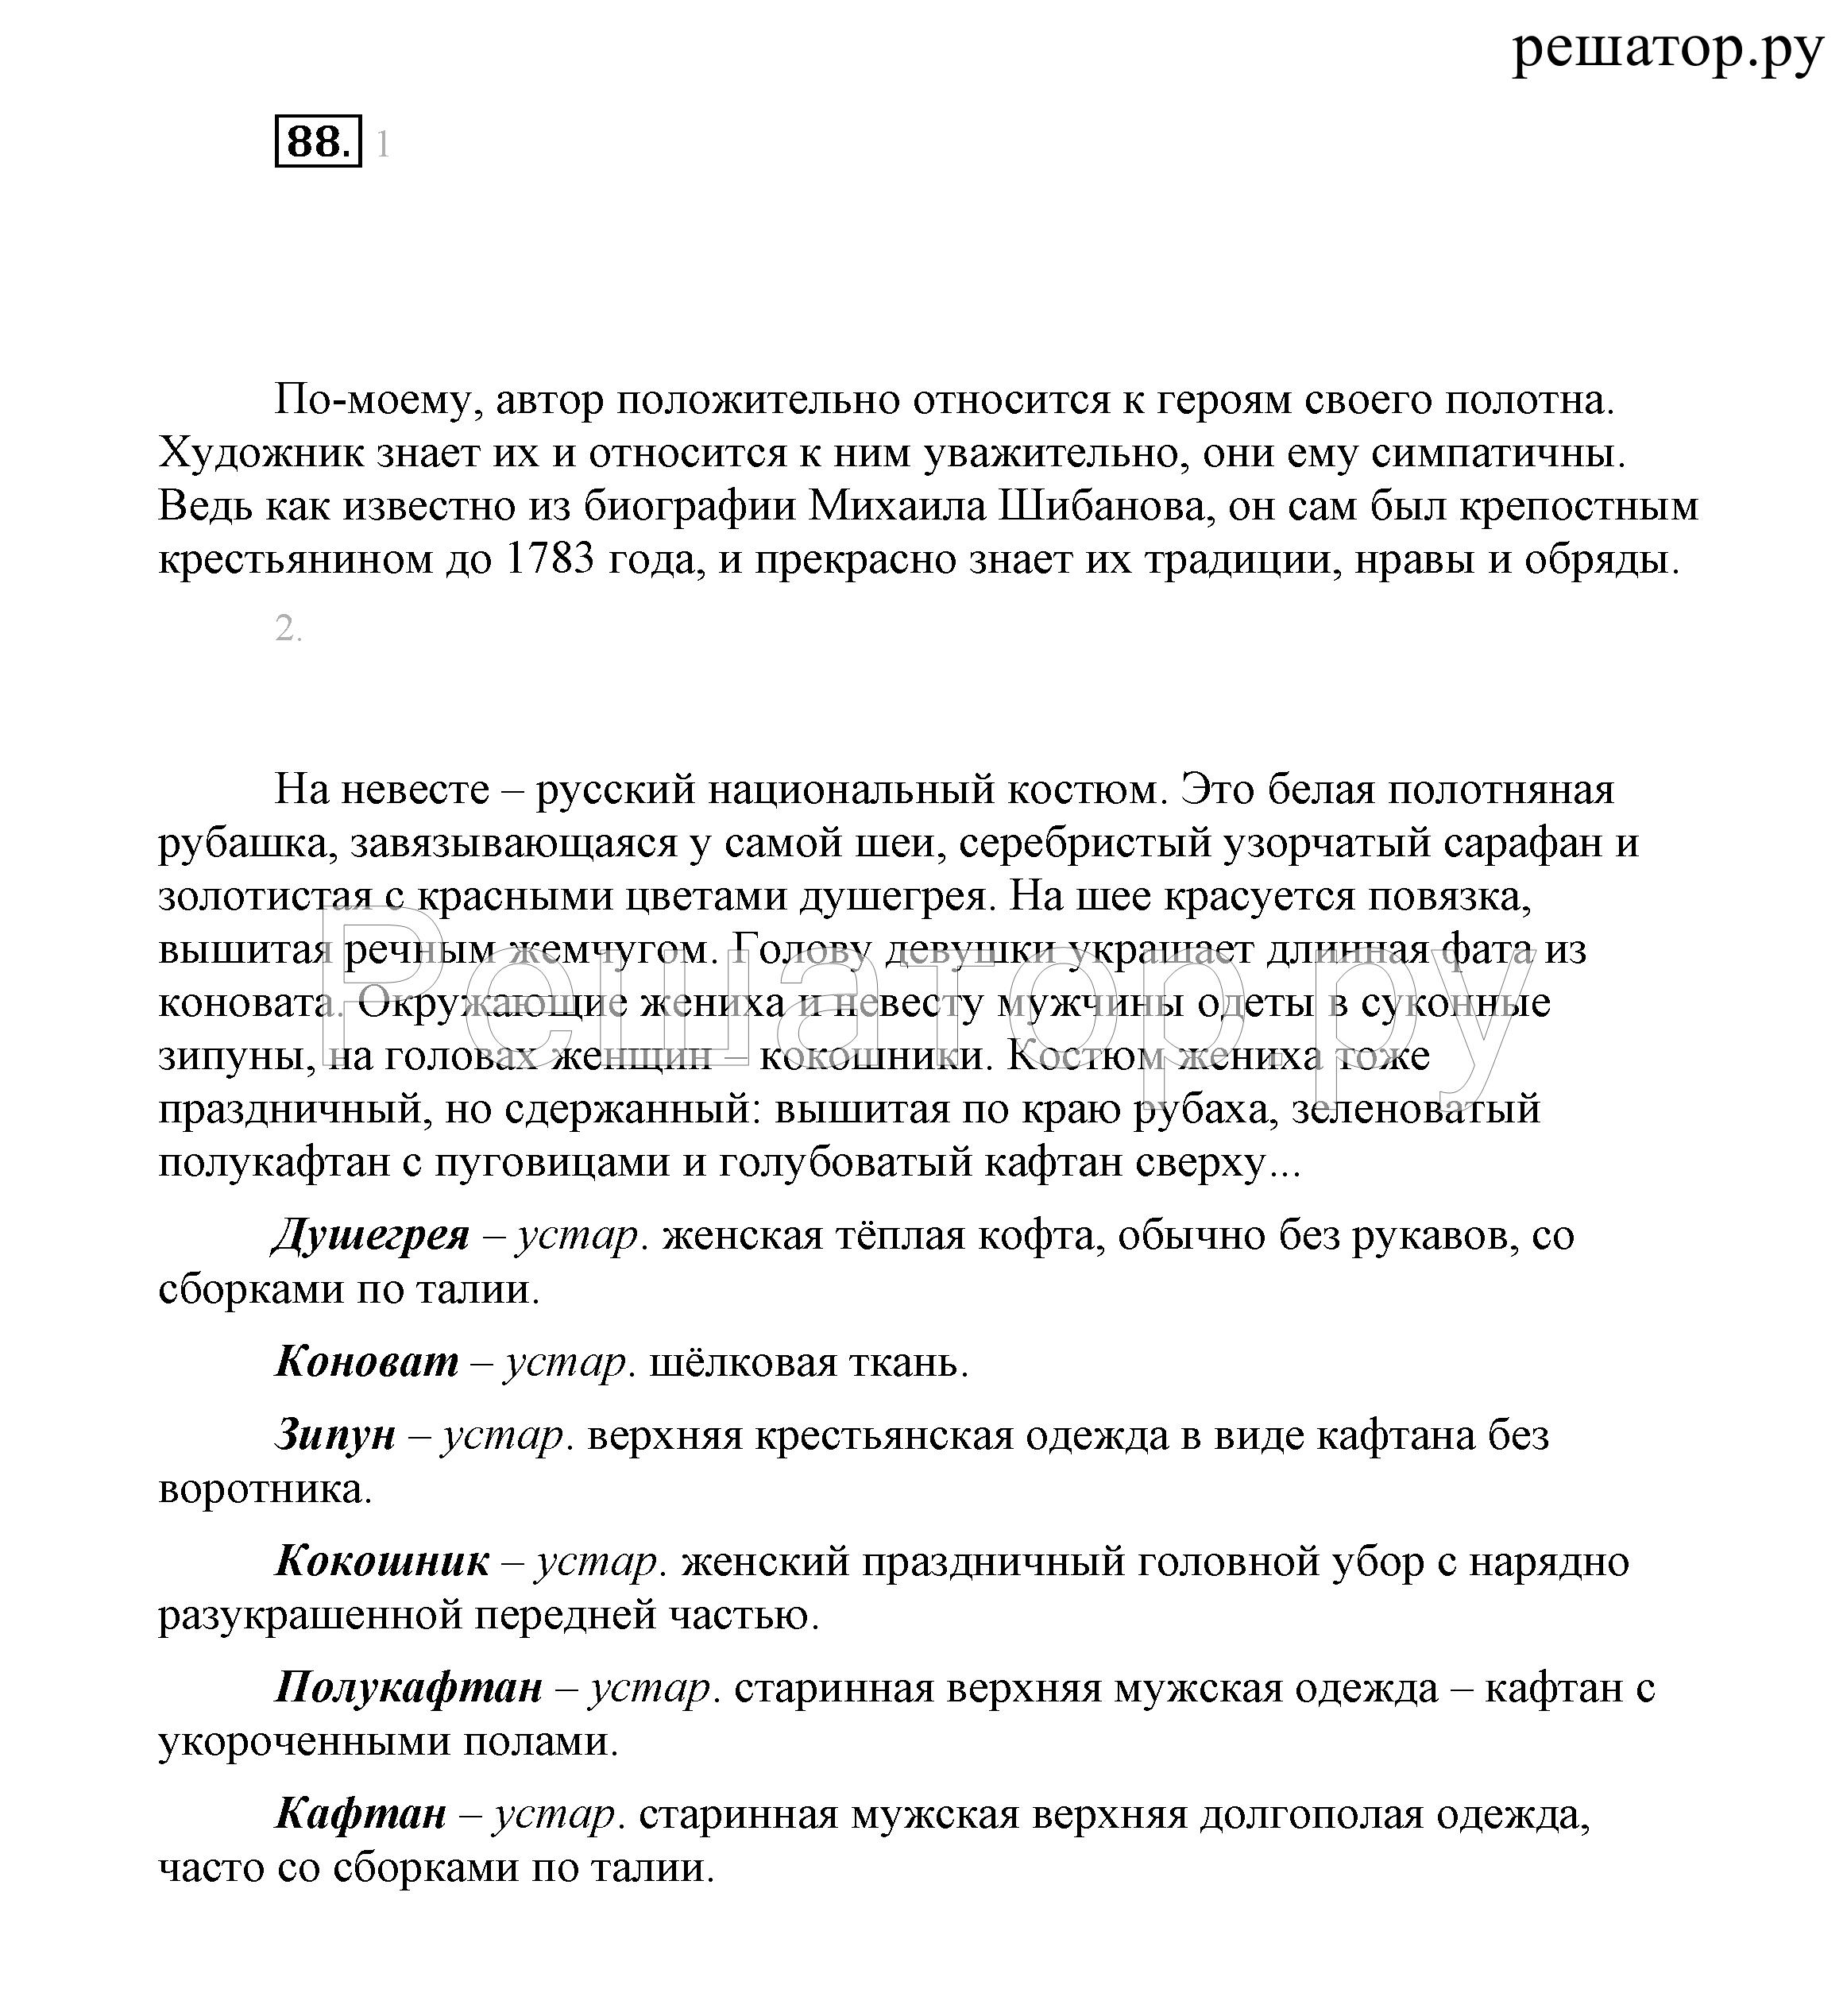 Похожие решебники по русскому языку 7 класс